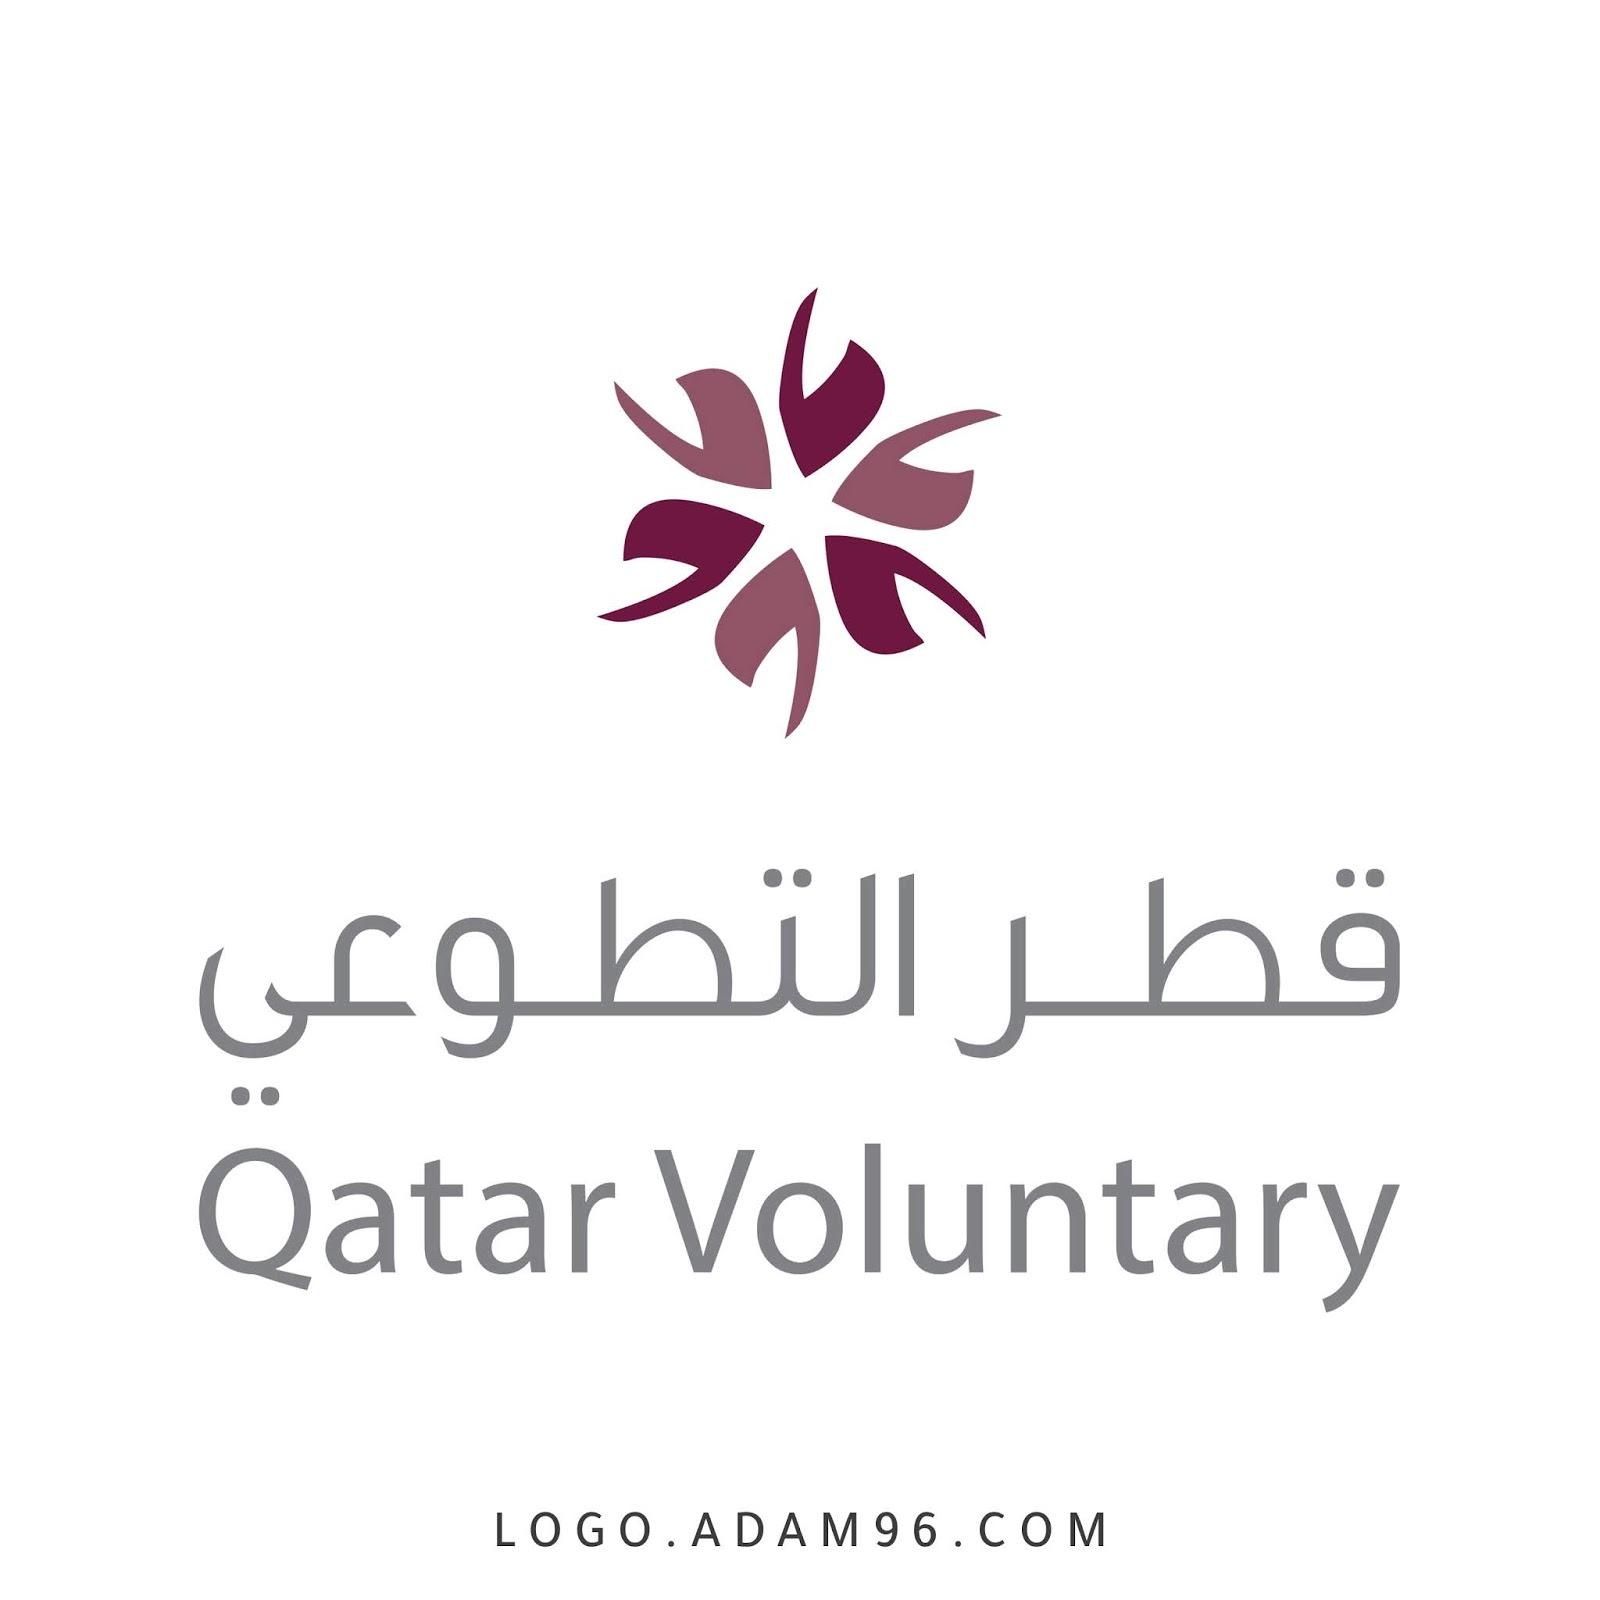 تحميل شعار قطر التطوعي - qatar voluntary png